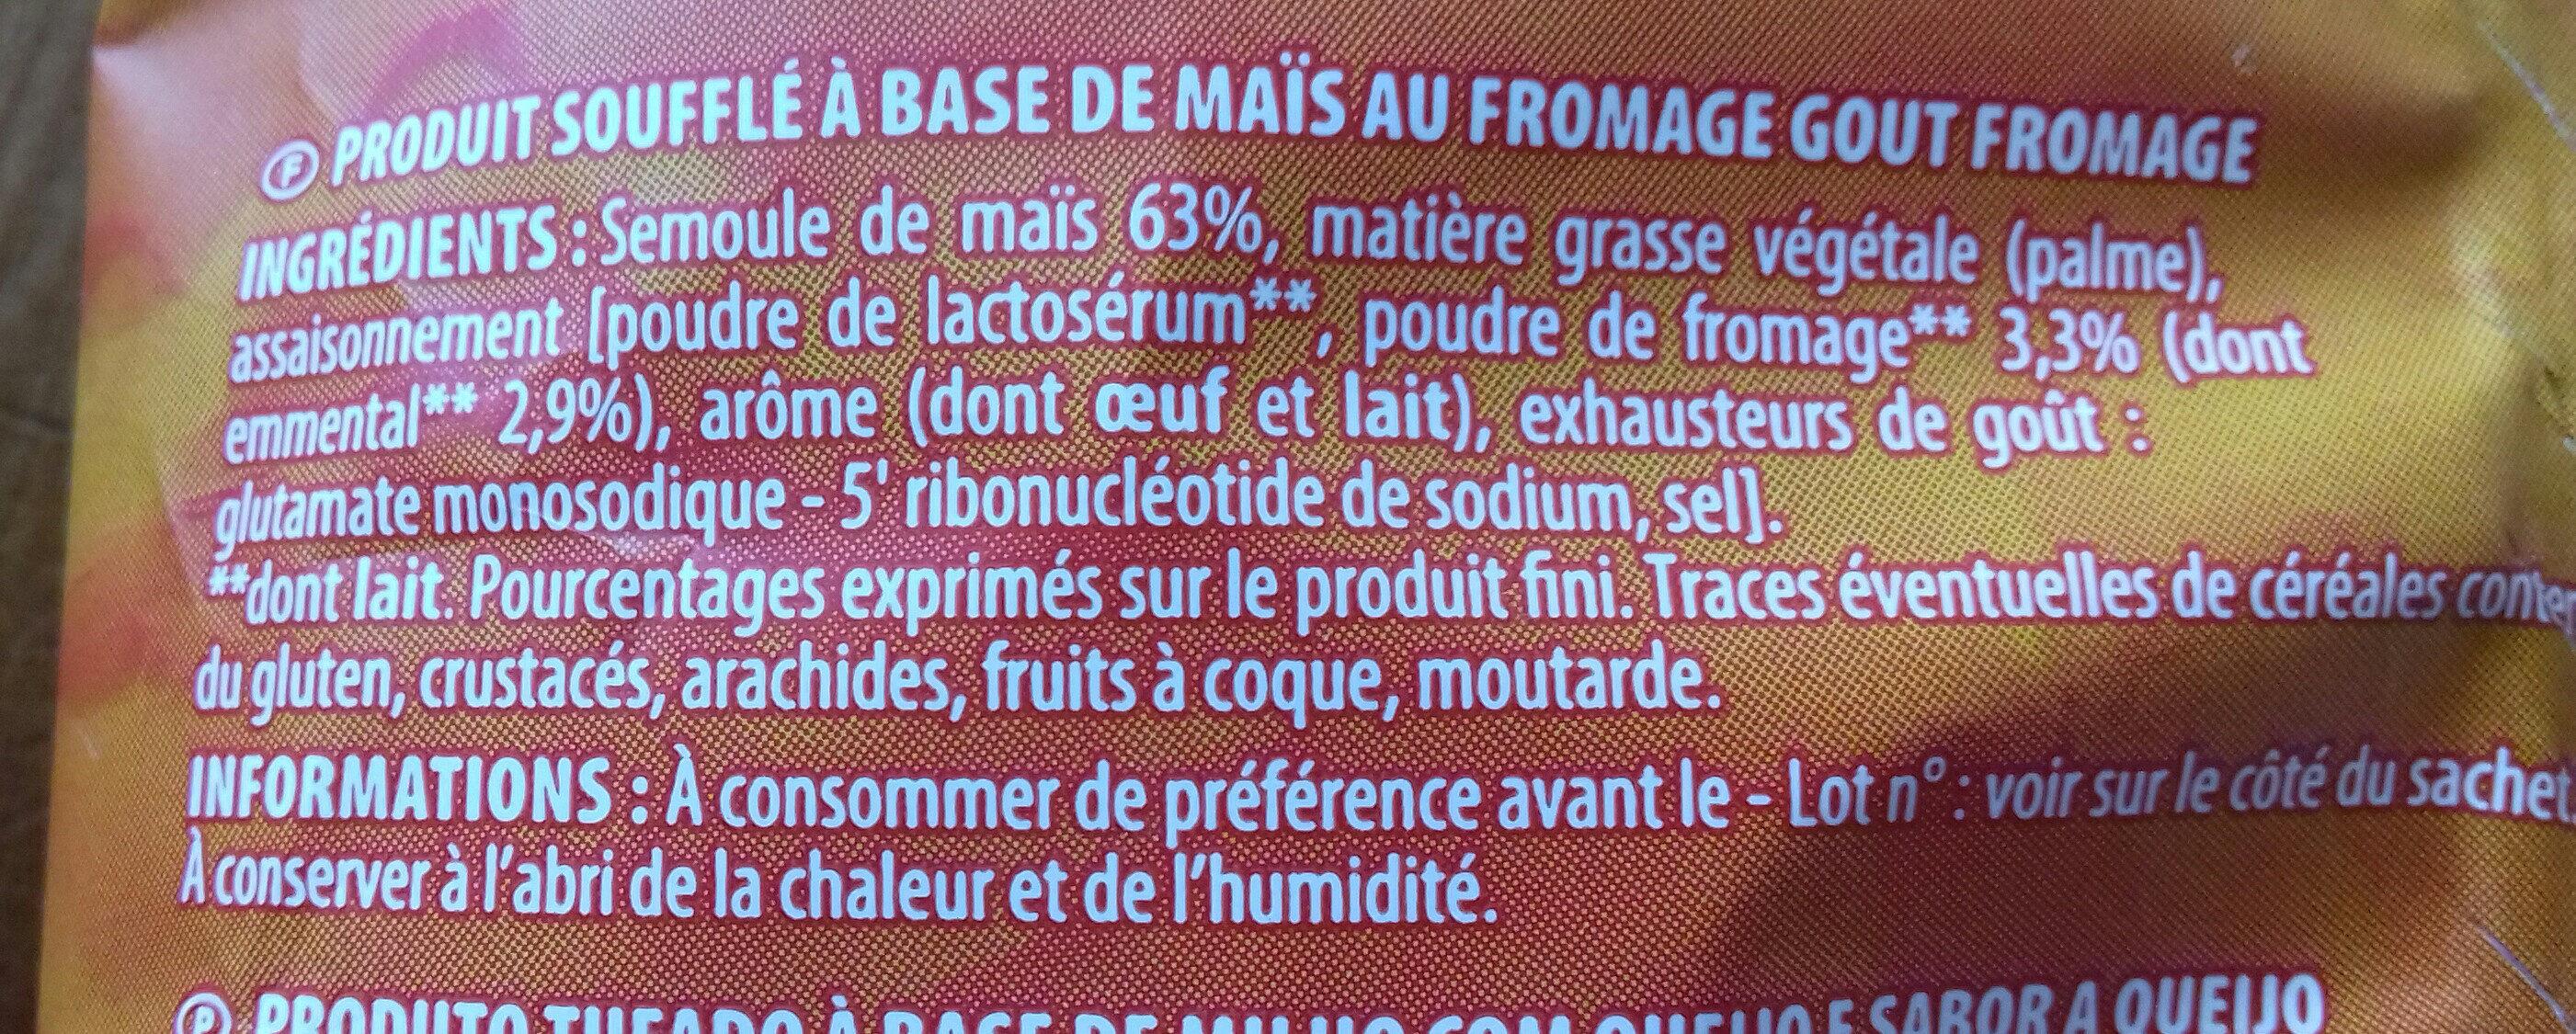 Craquilles au Fromage - Ingrédients - fr